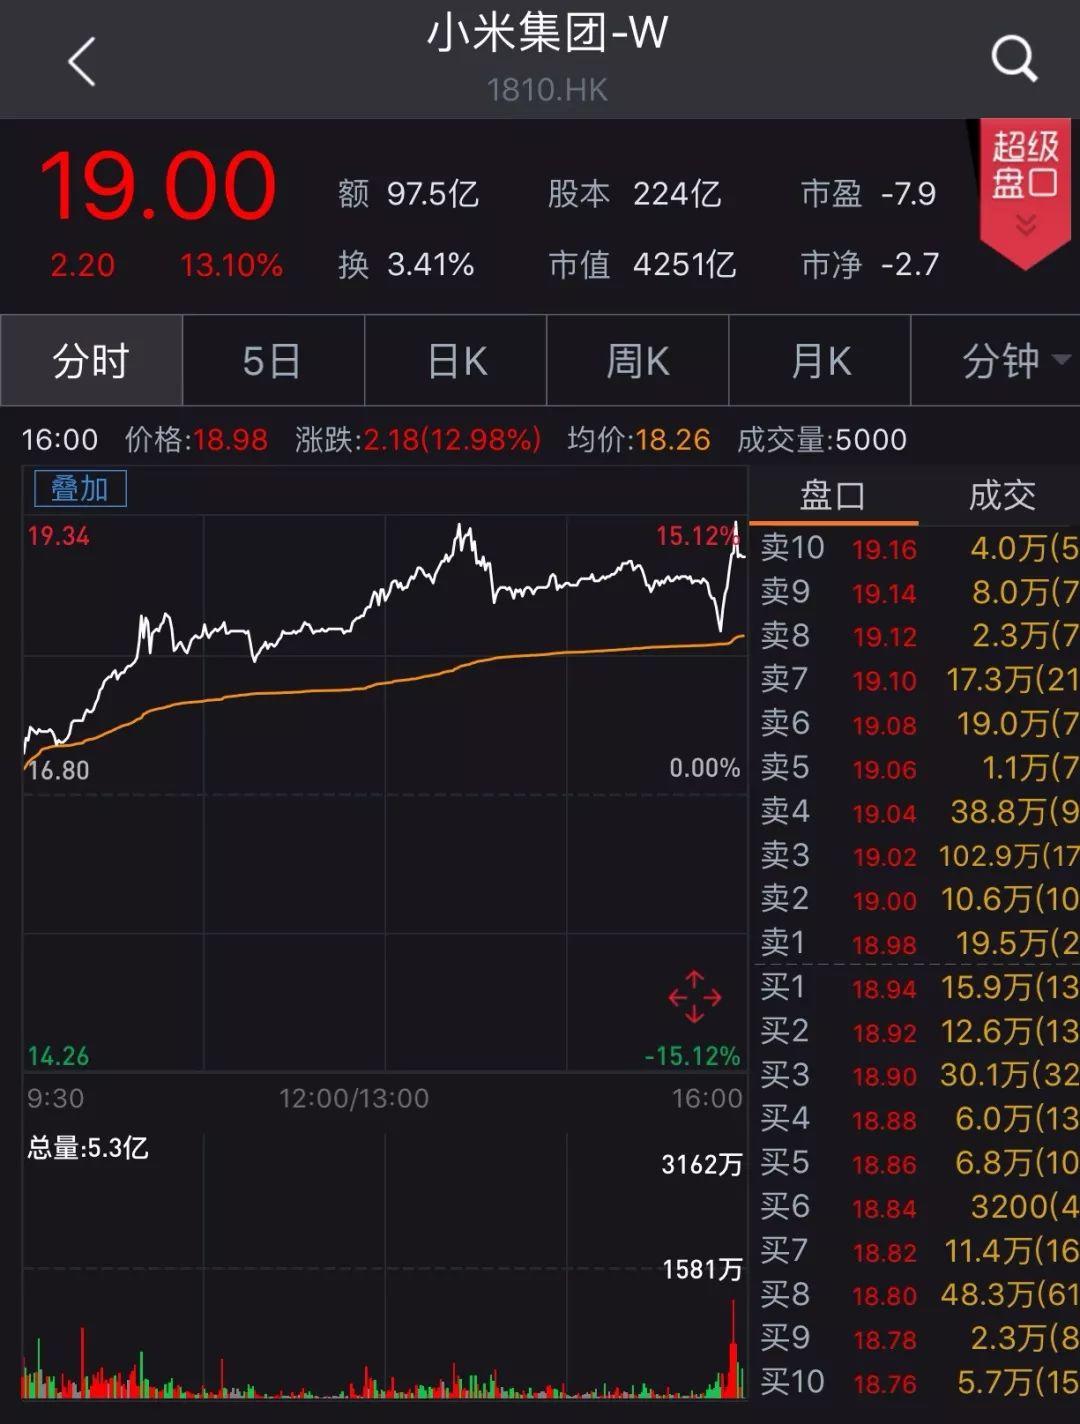 小米今日大涨13% 更将创港股纳入恒指最快纪录